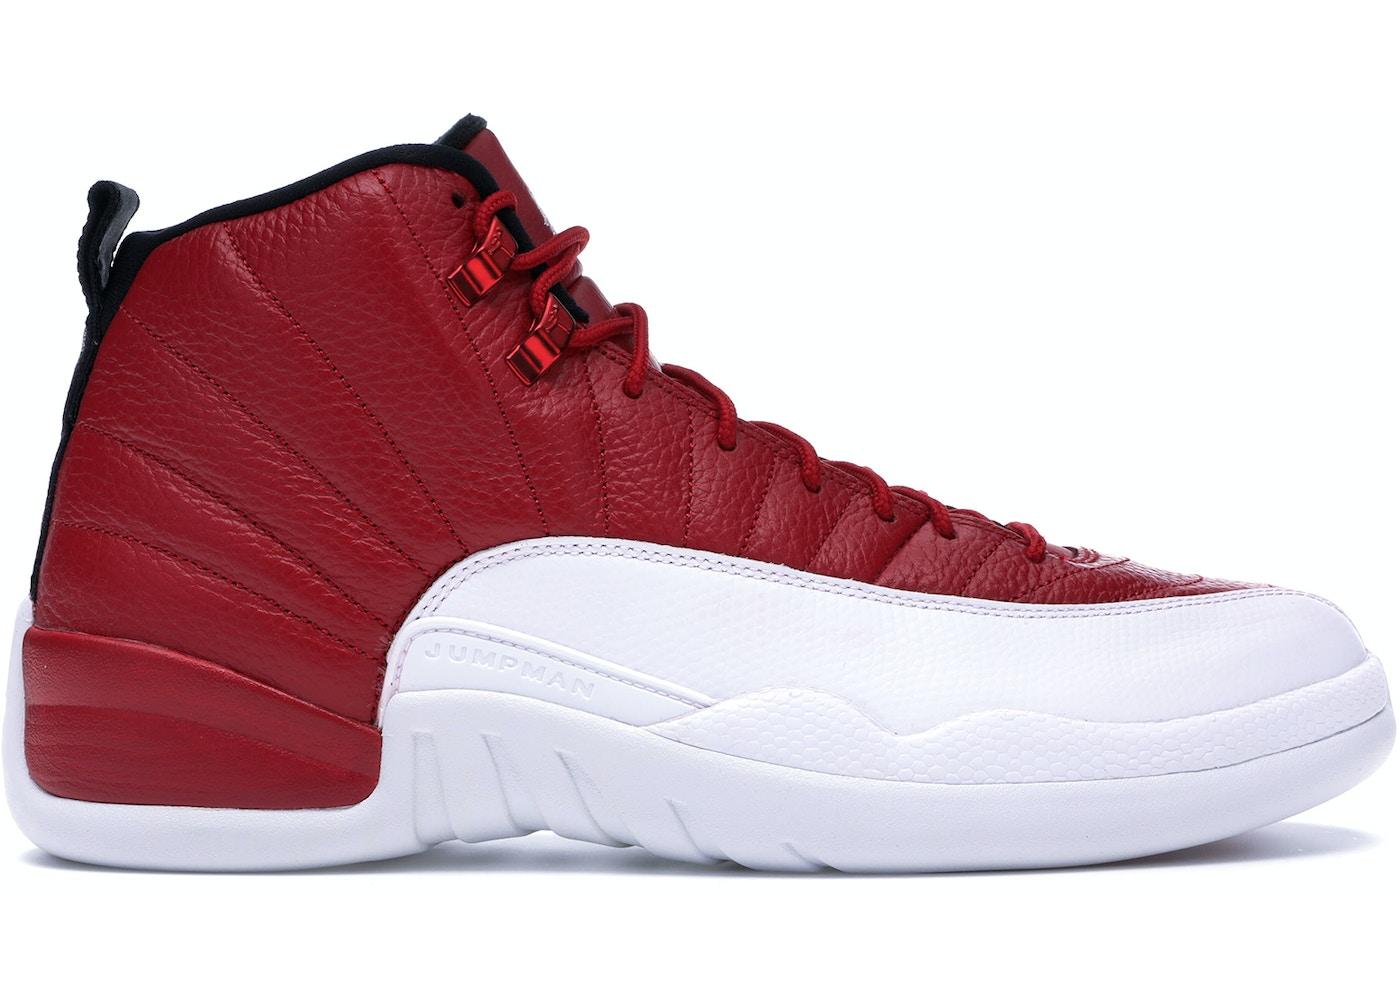 042ed4a9f68c Jordan 12 Retro Gym Red - 130690-600